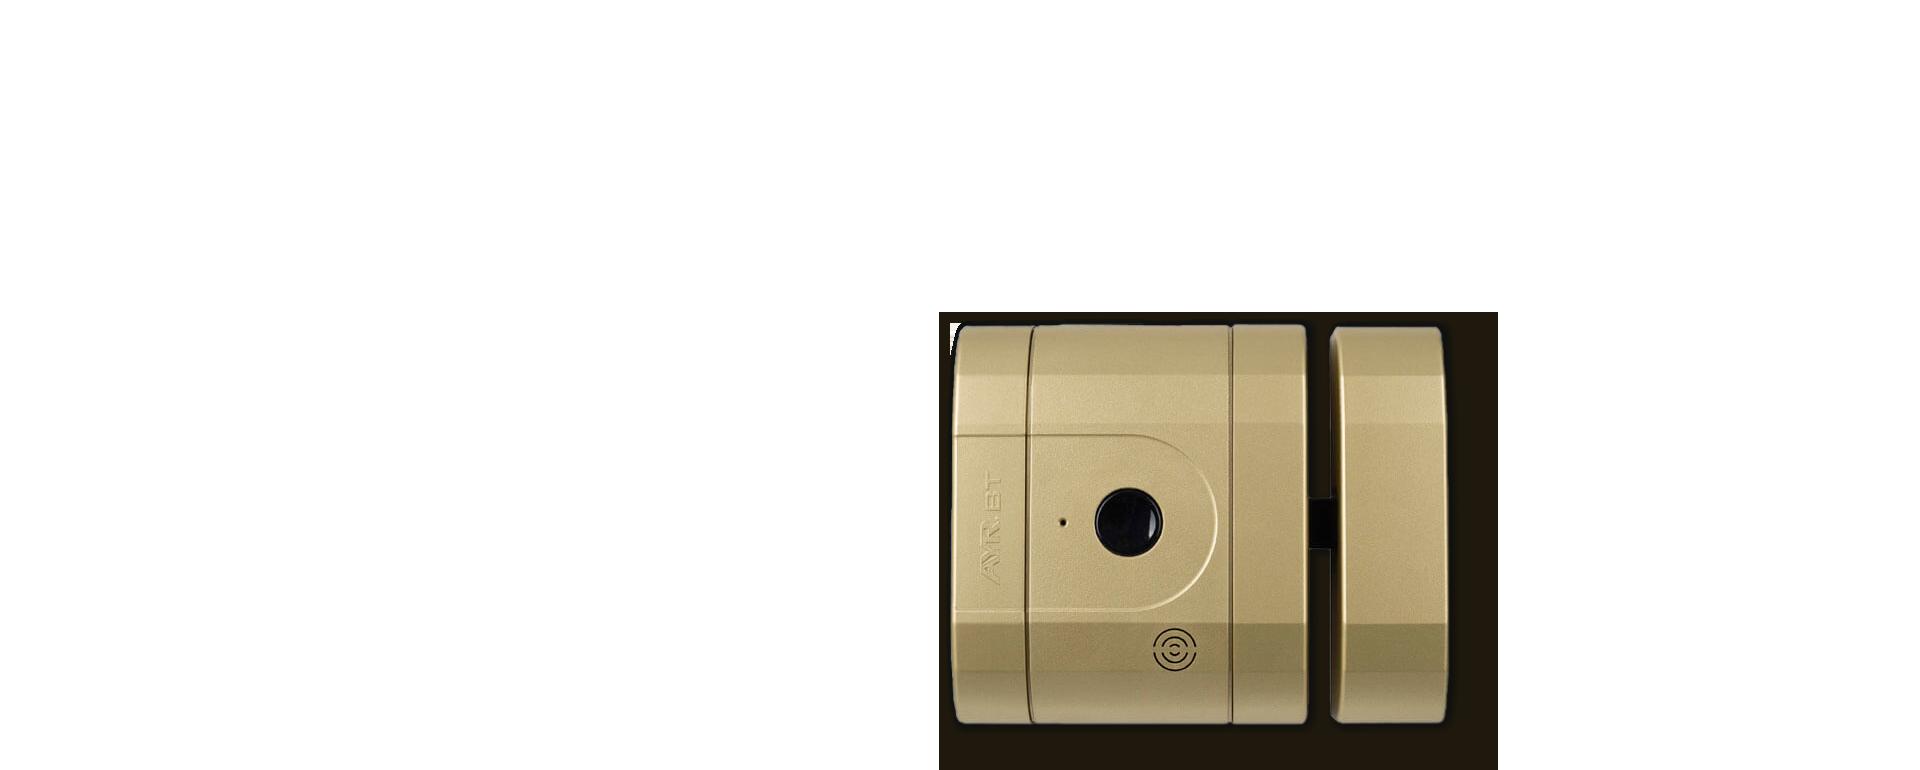 Încuietoare inteligentă invizibilă • Int-LOCK • sigură și ușor de folosit